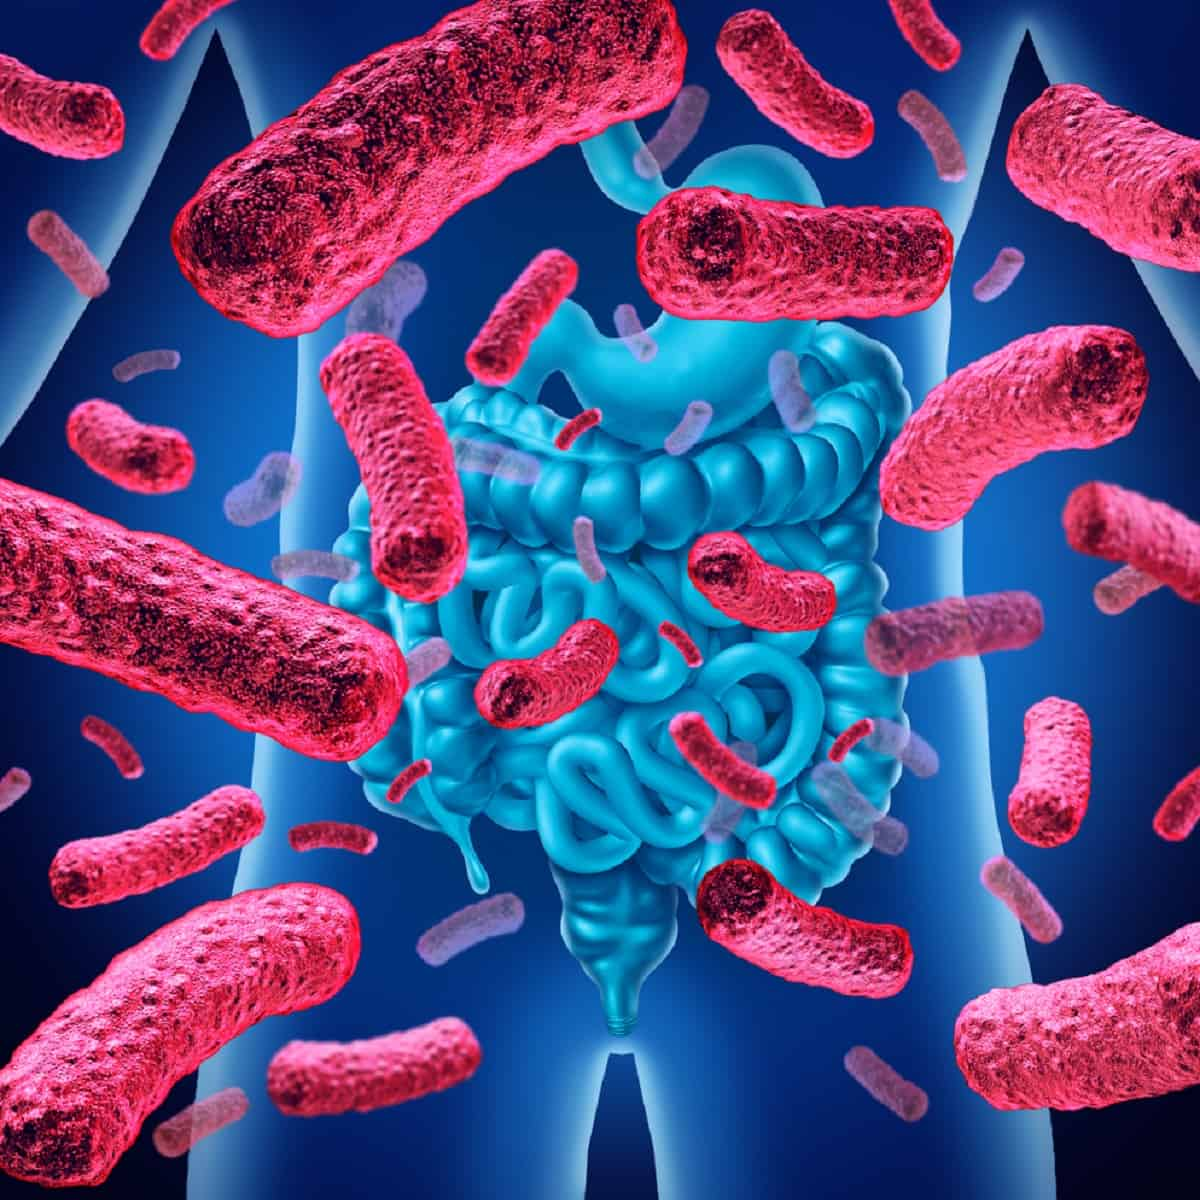 rezultatul condilomului gardasil vaccine and autoimmune disease